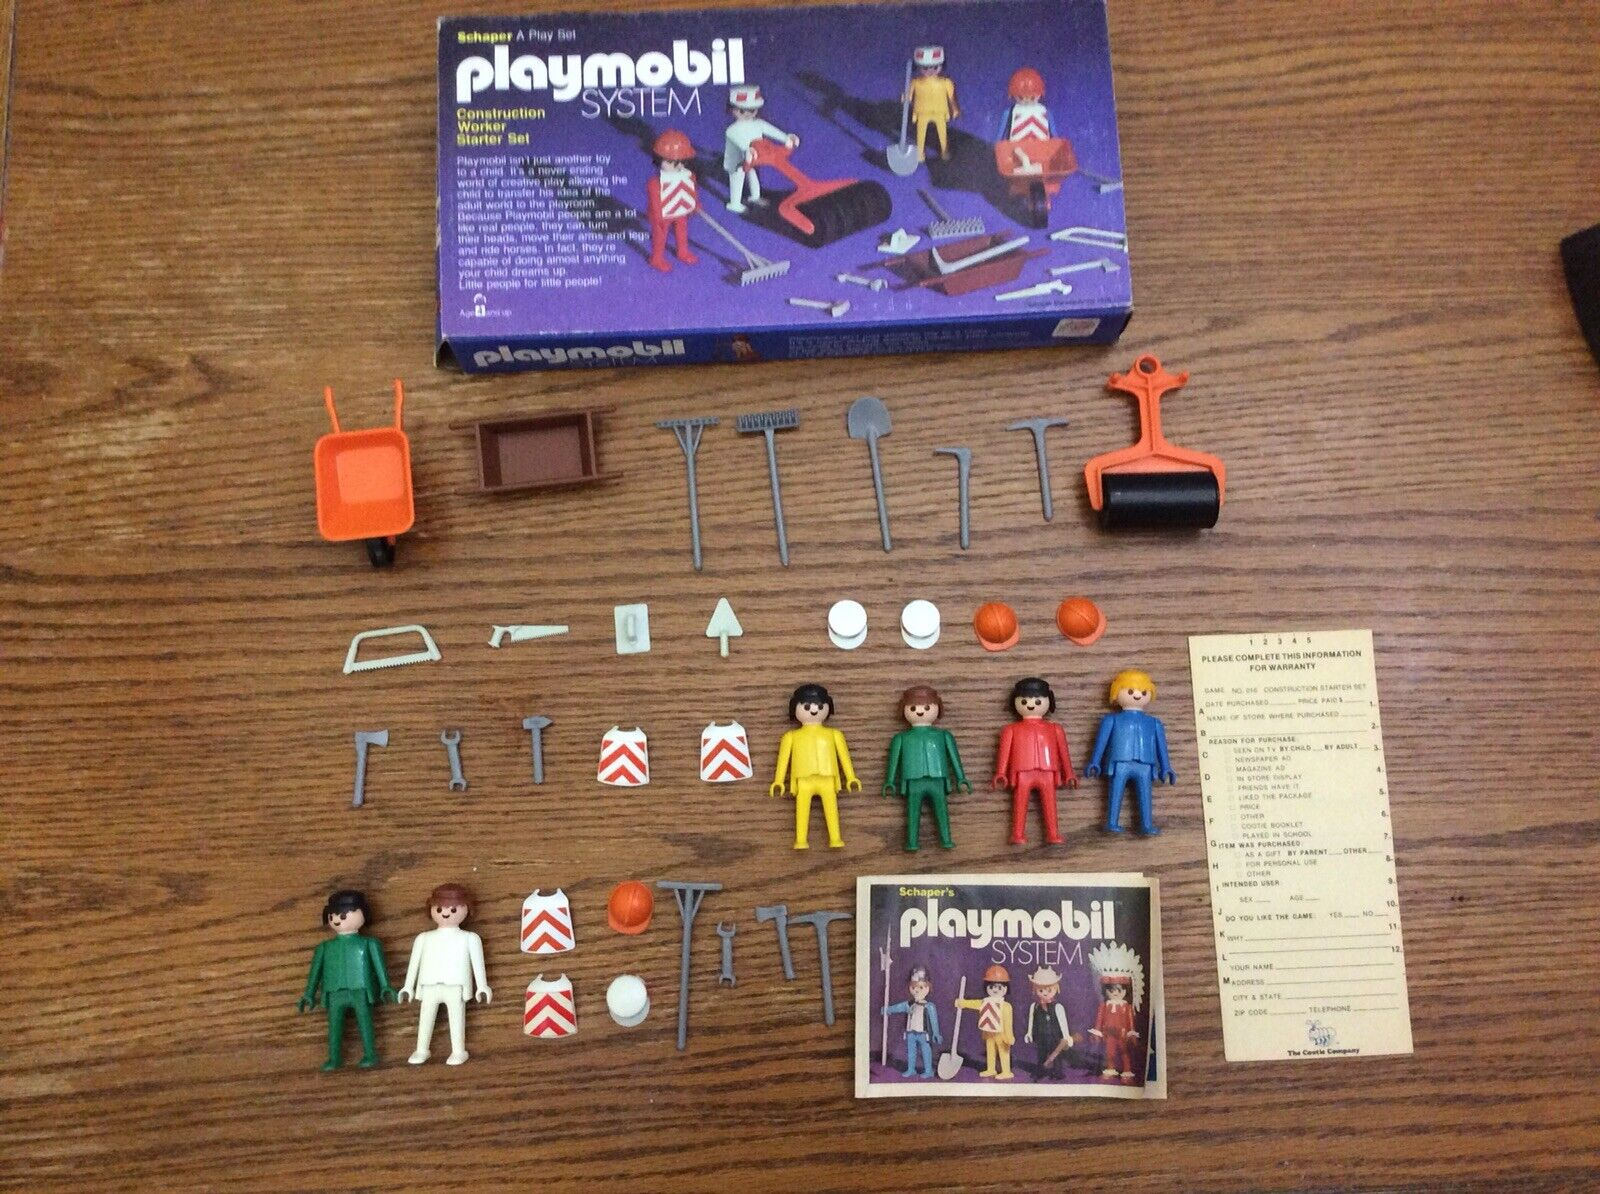 1976 Vintage Playmobil Schaper CONSTRUCTION Worker Set No.016 complet avec boite etc